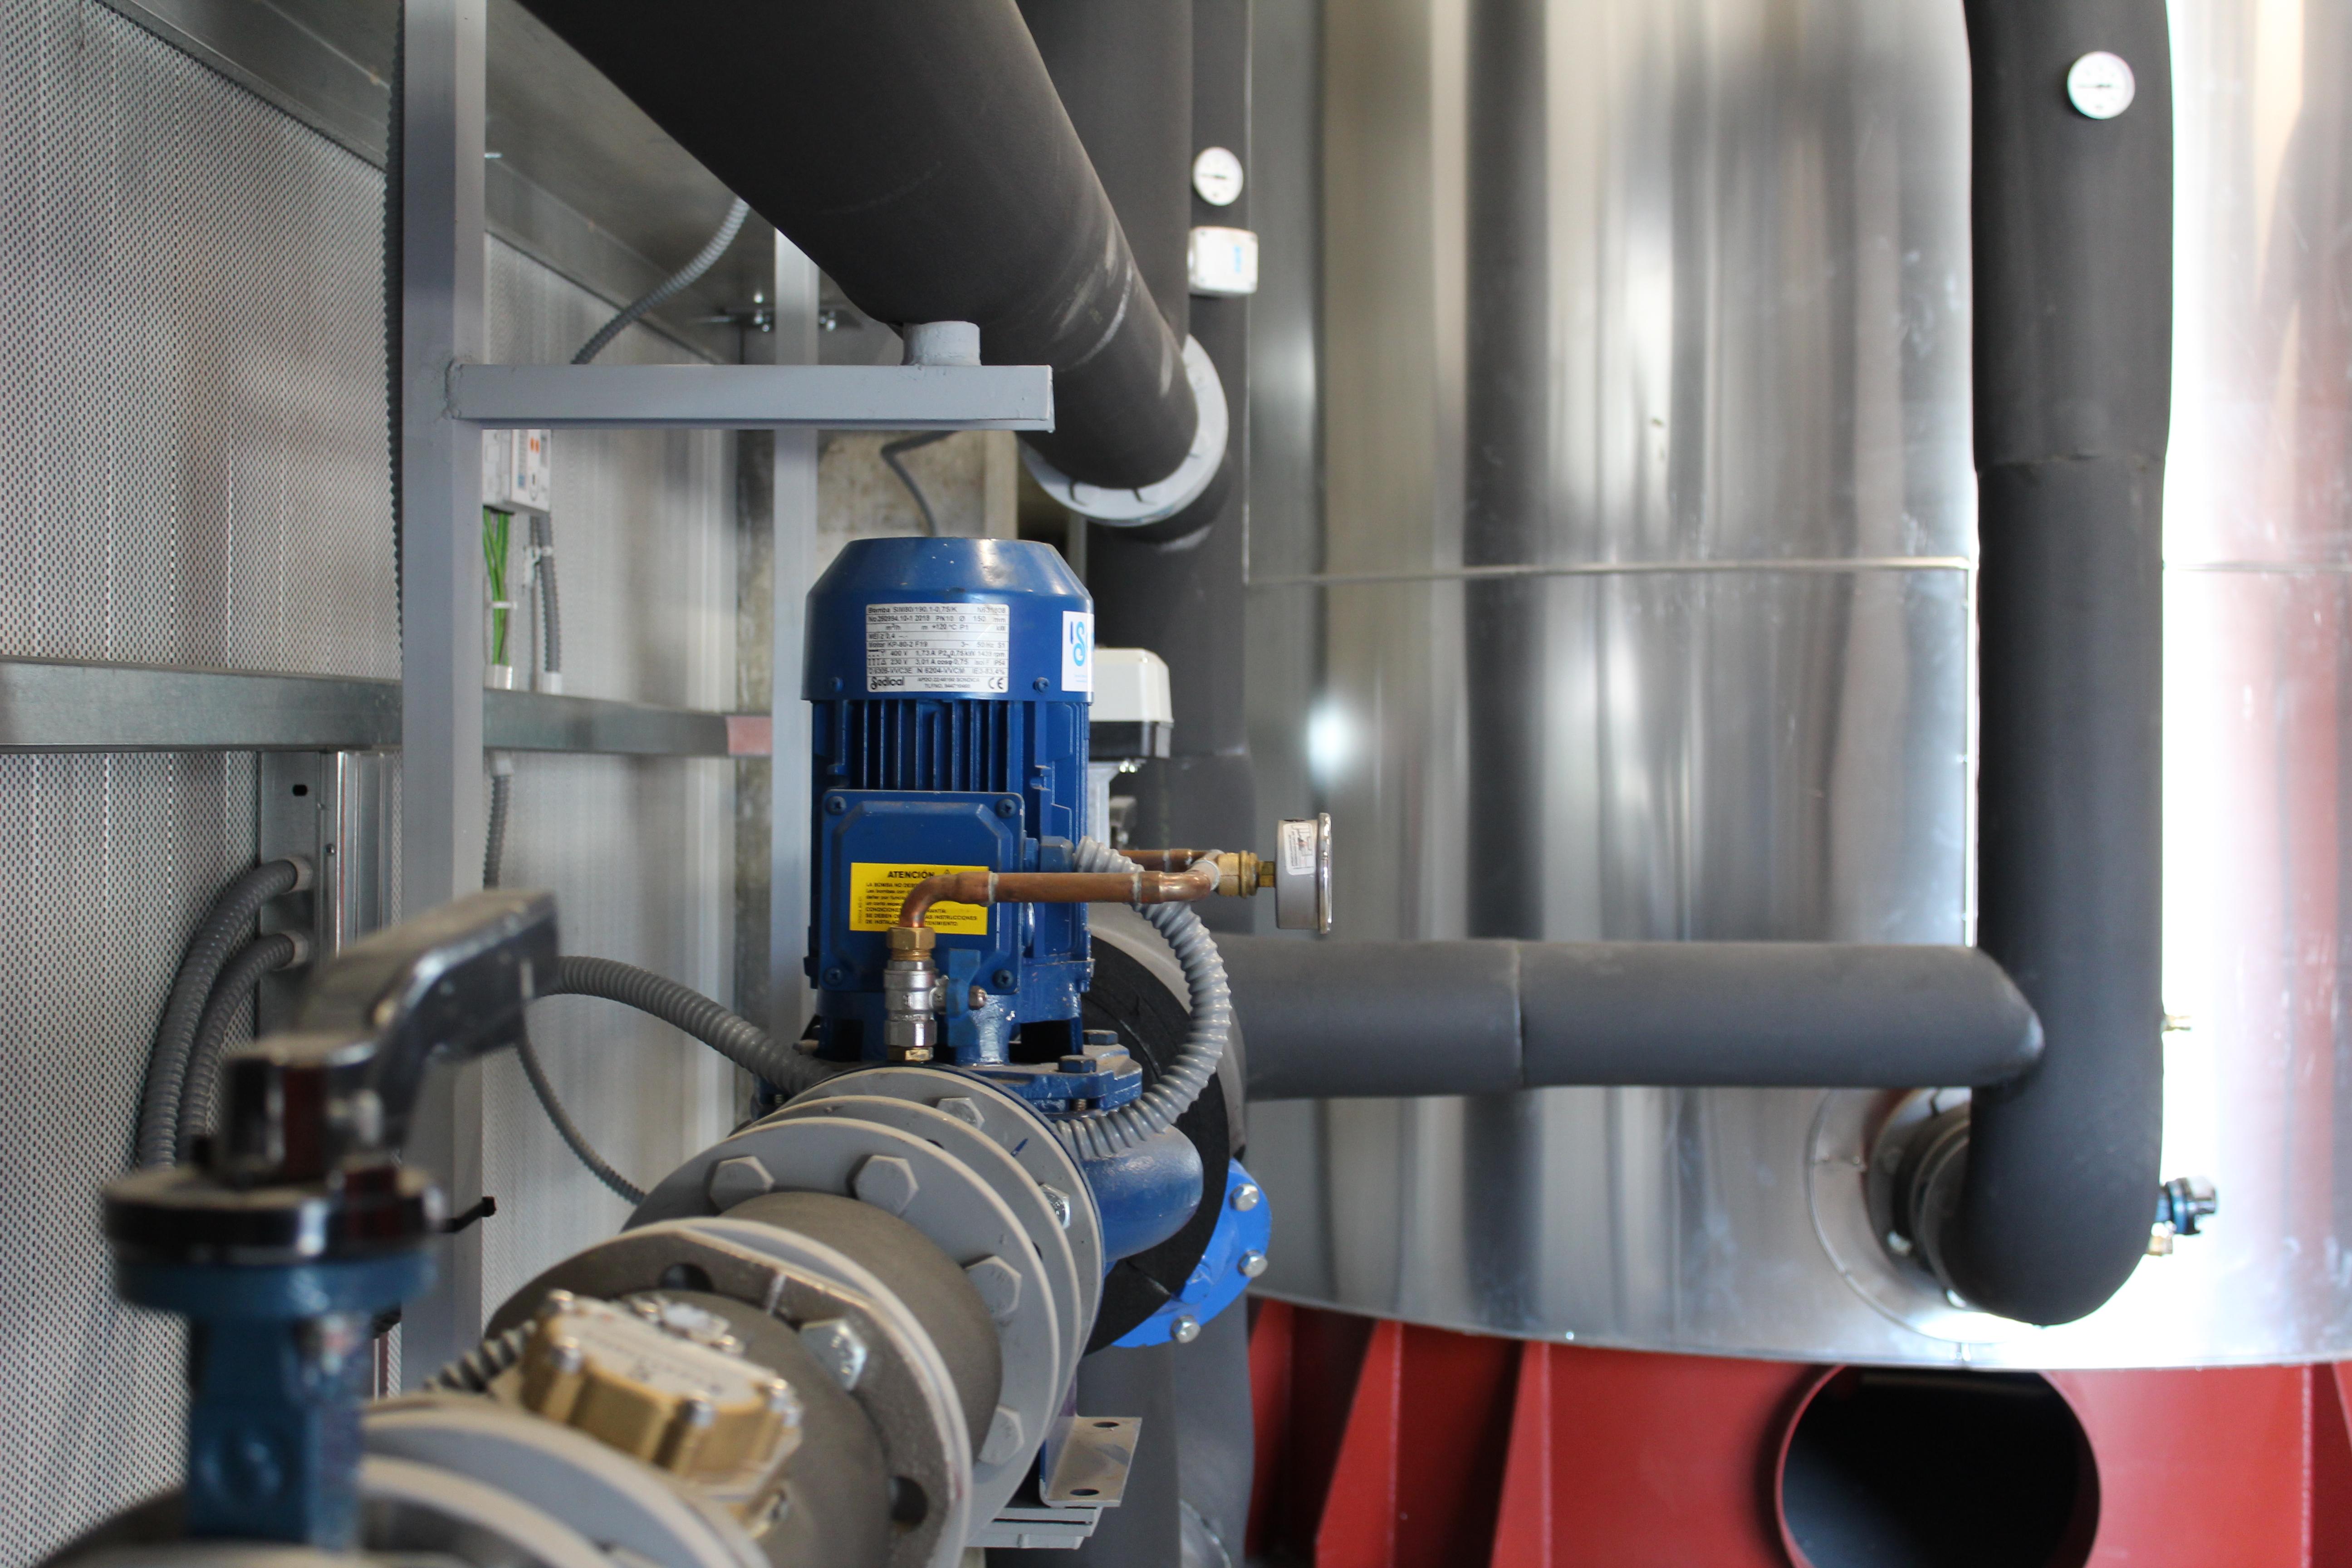 A Rede de Calor con Biomasa, premio Galicia de Enerxía ao mellor proxecto de enerxías renovables